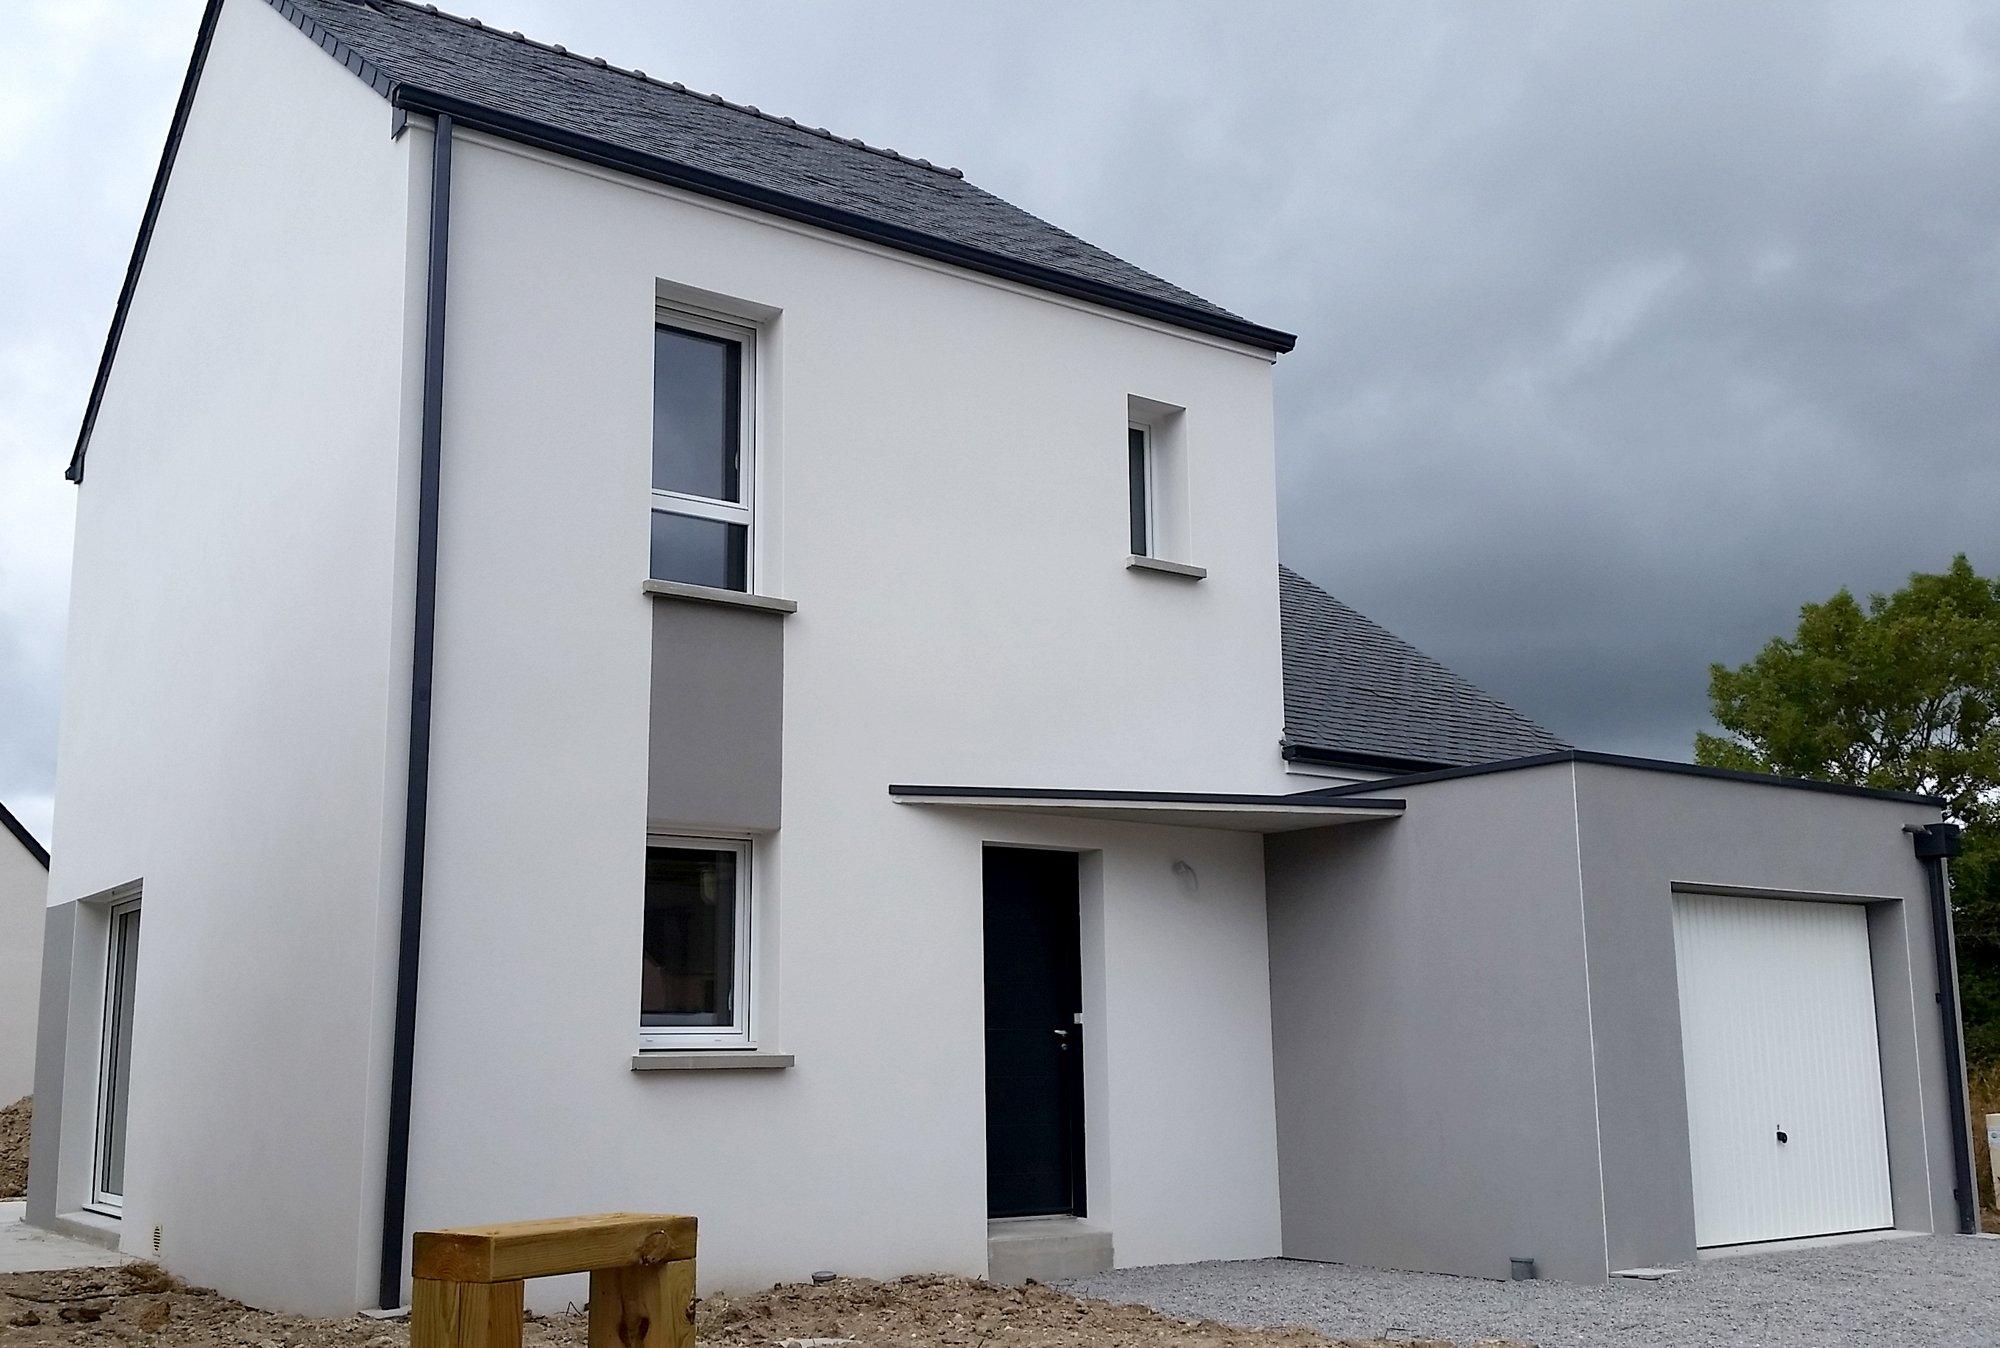 Maisons + Terrains du constructeur MAISON FAMILIALE RENNES • 130 m² • LE PETIT FOUGERAY